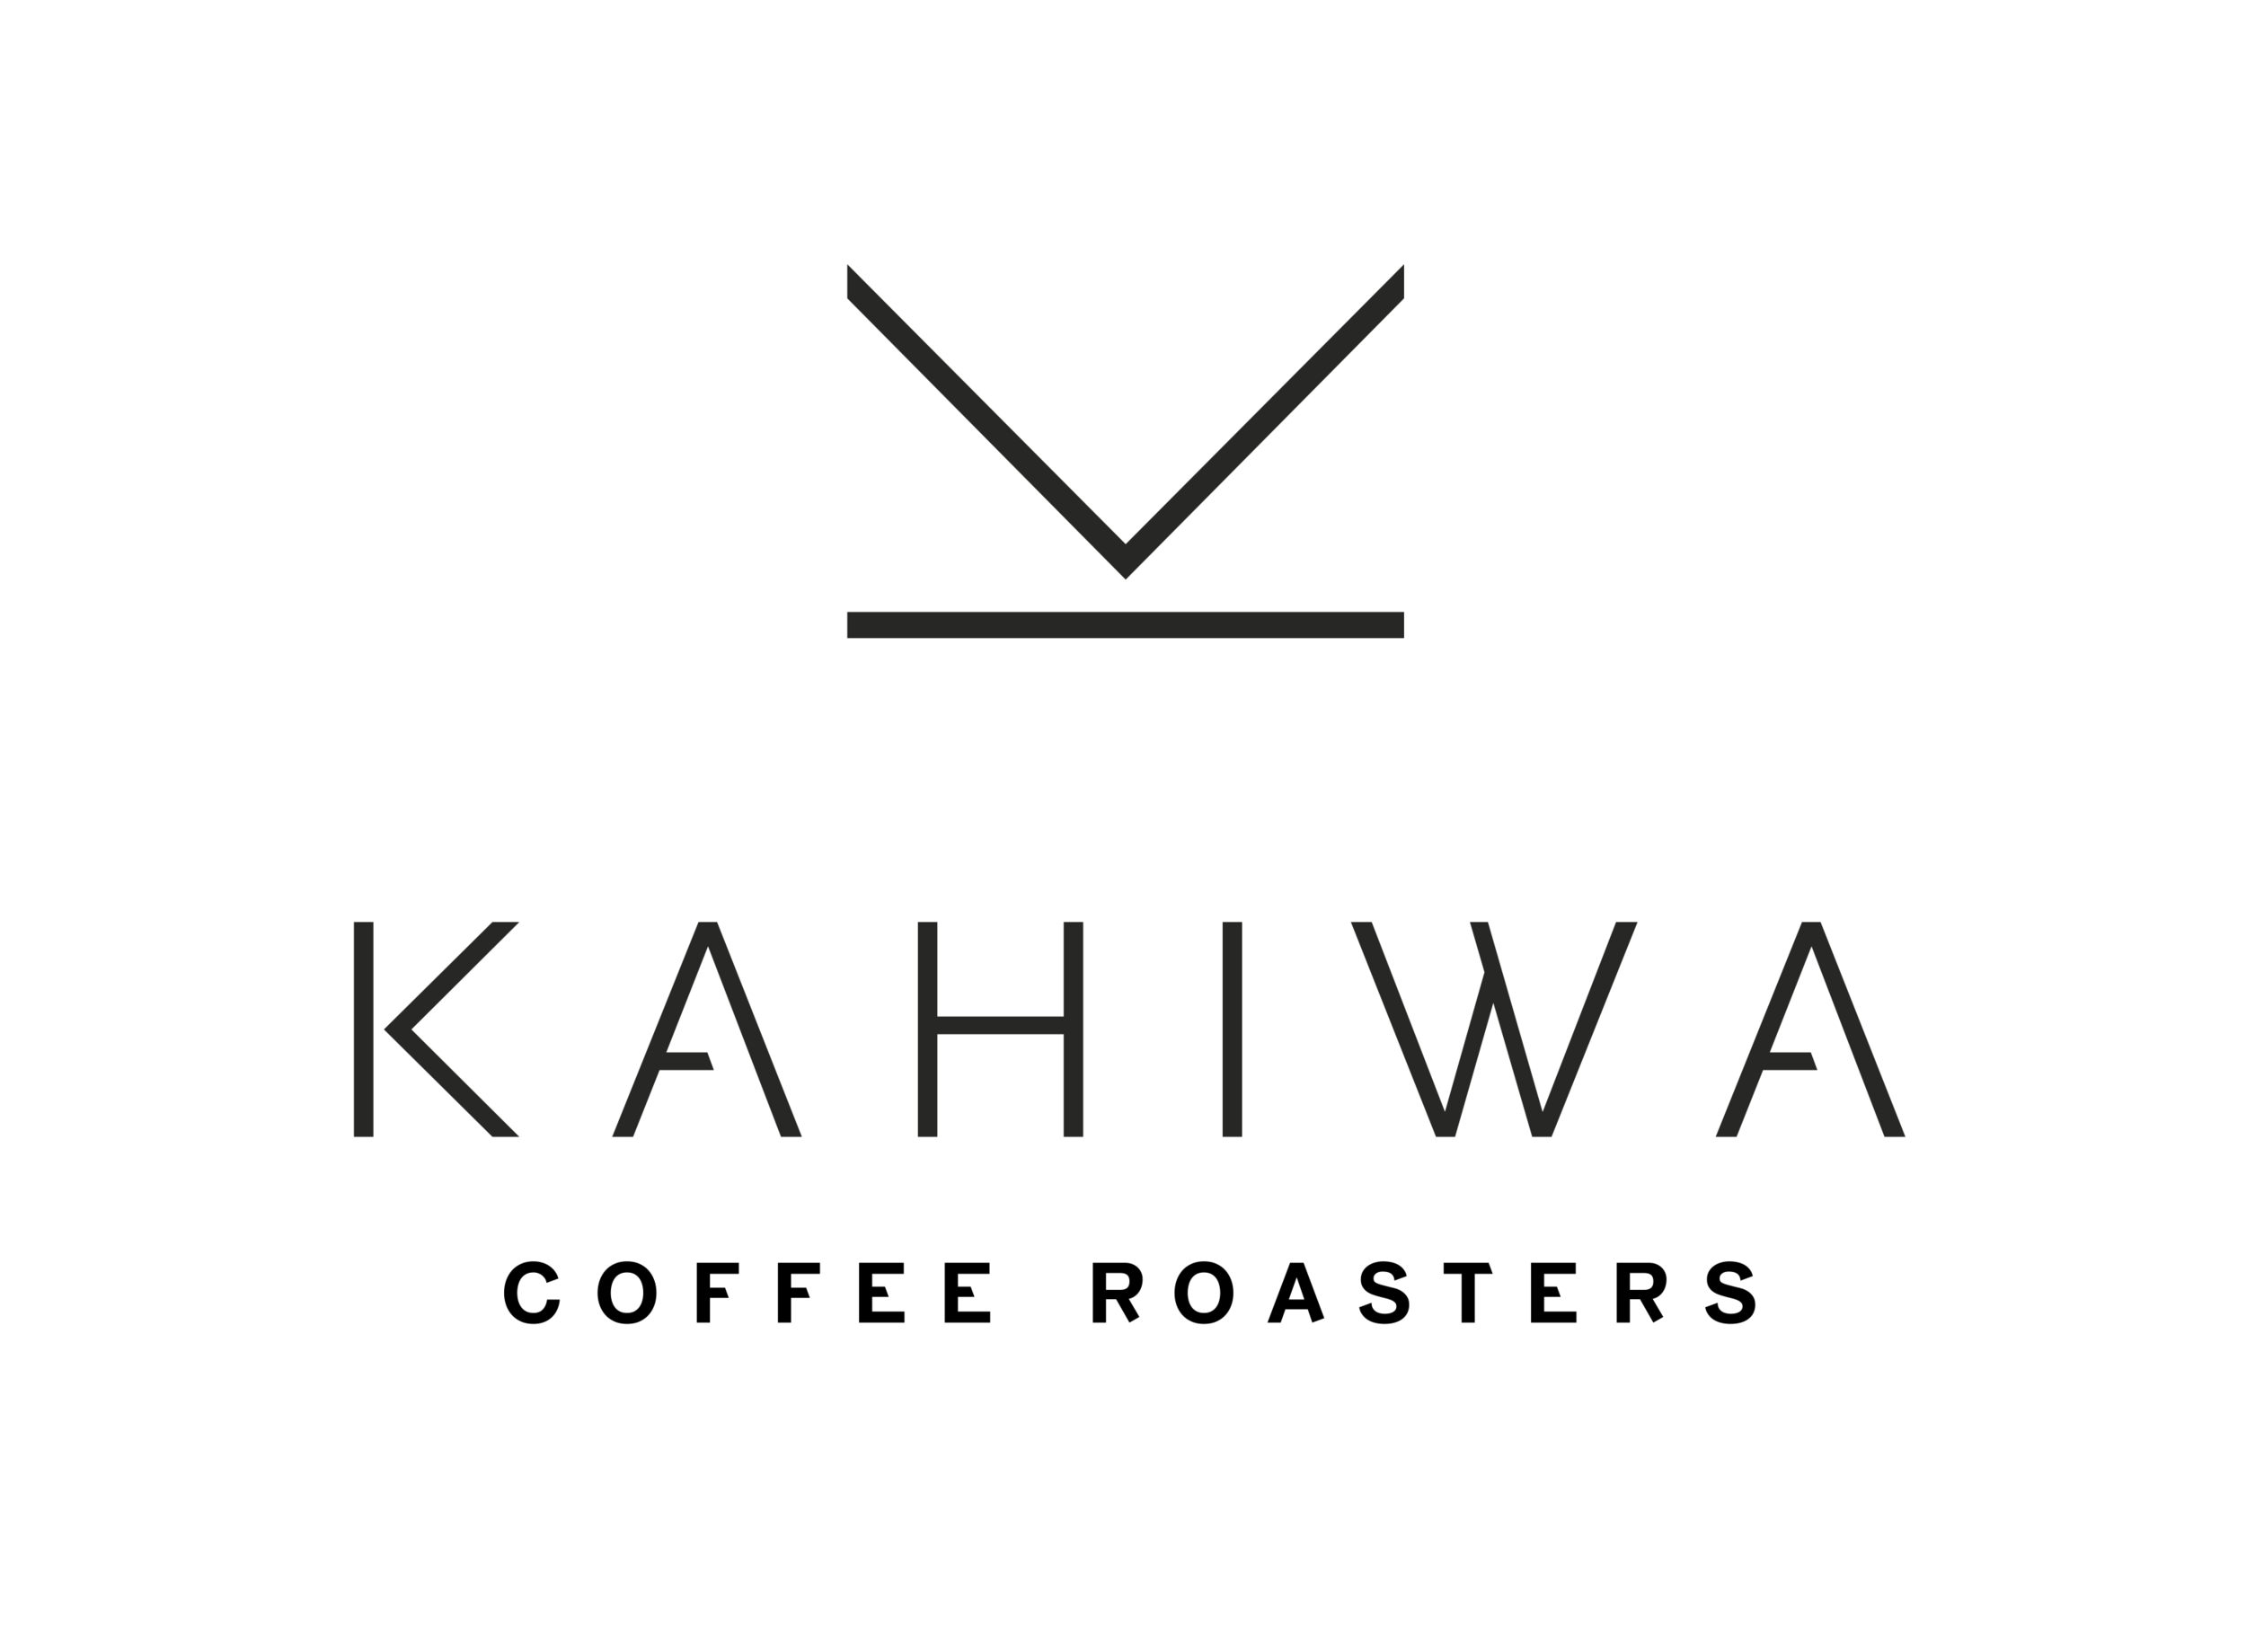 Logo Kahiwa.png